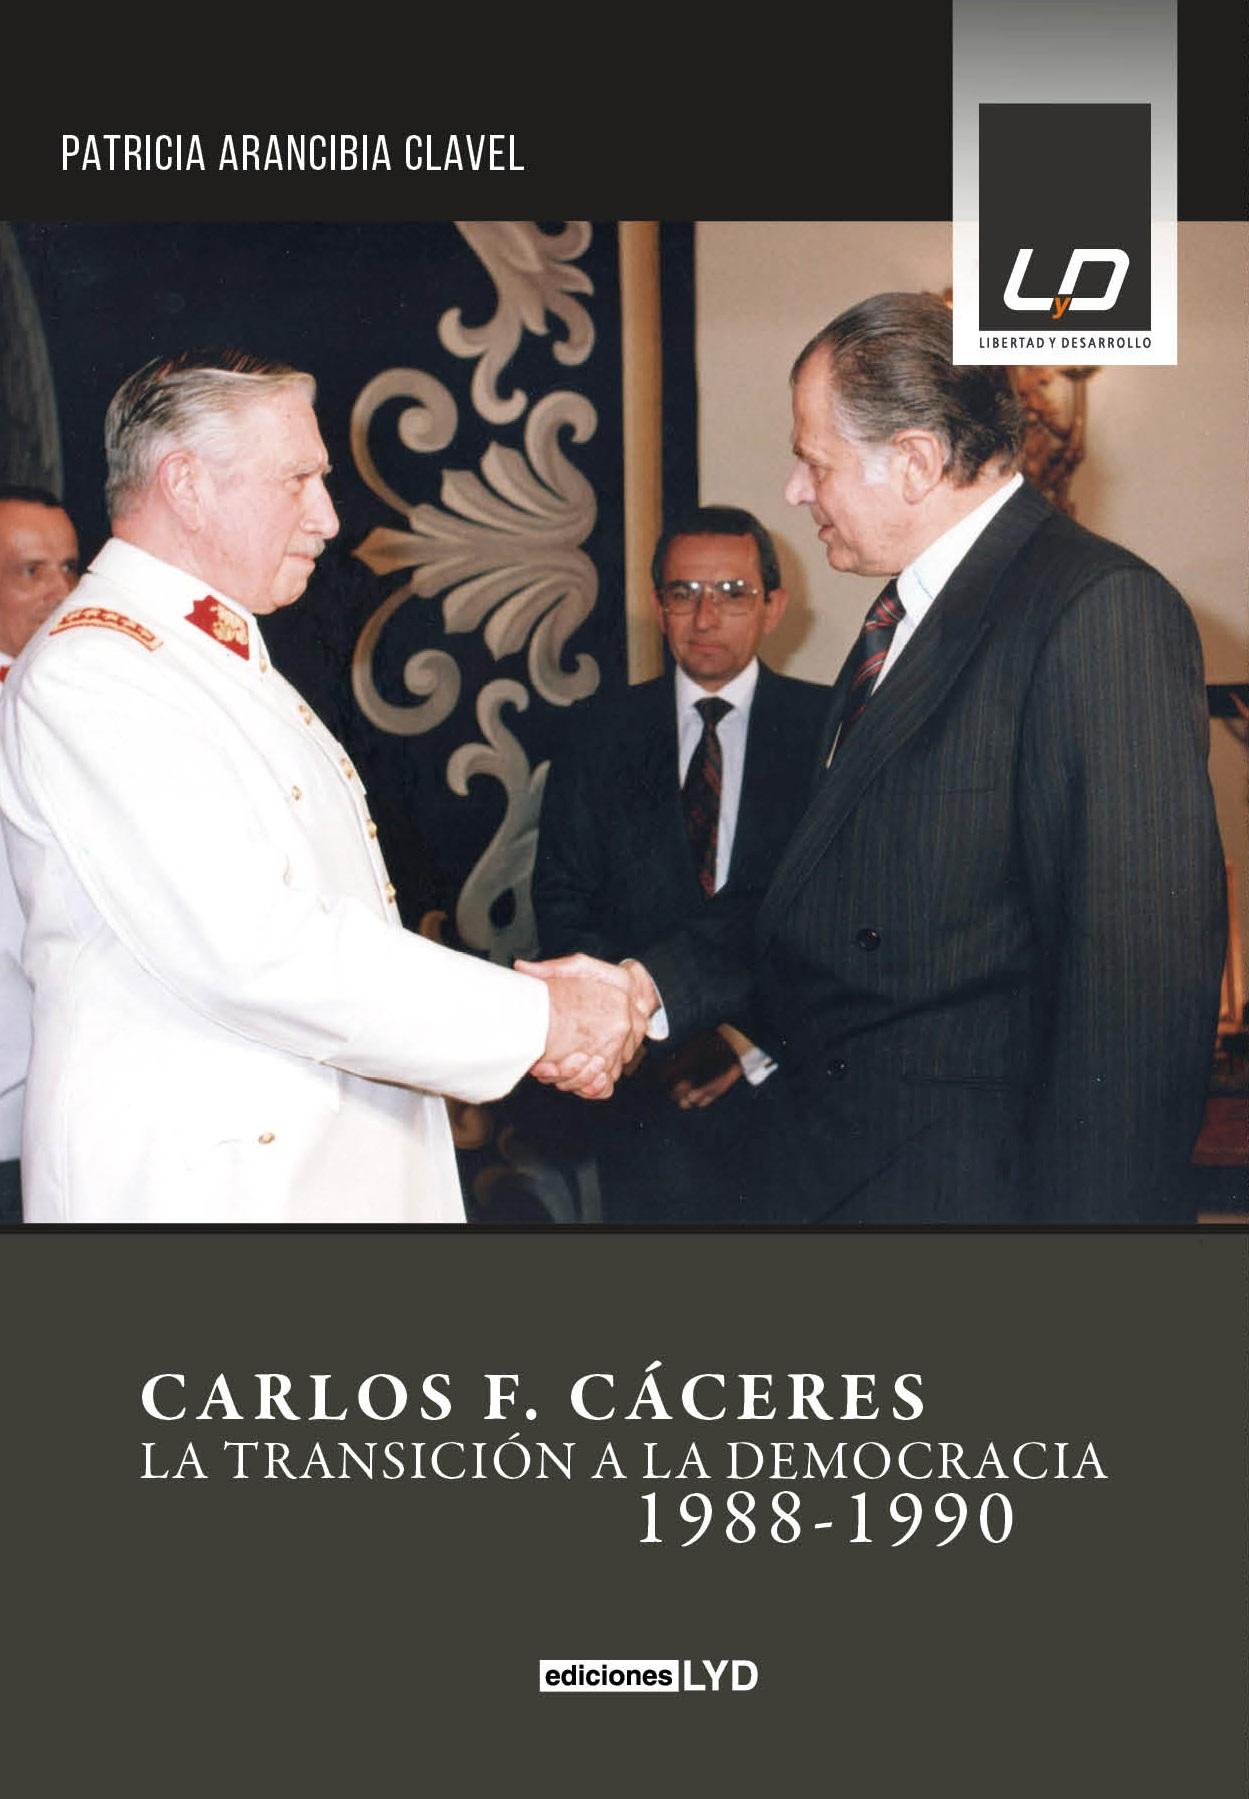 Carlos F Caceres La Transicion a la Democracia 1988-1990